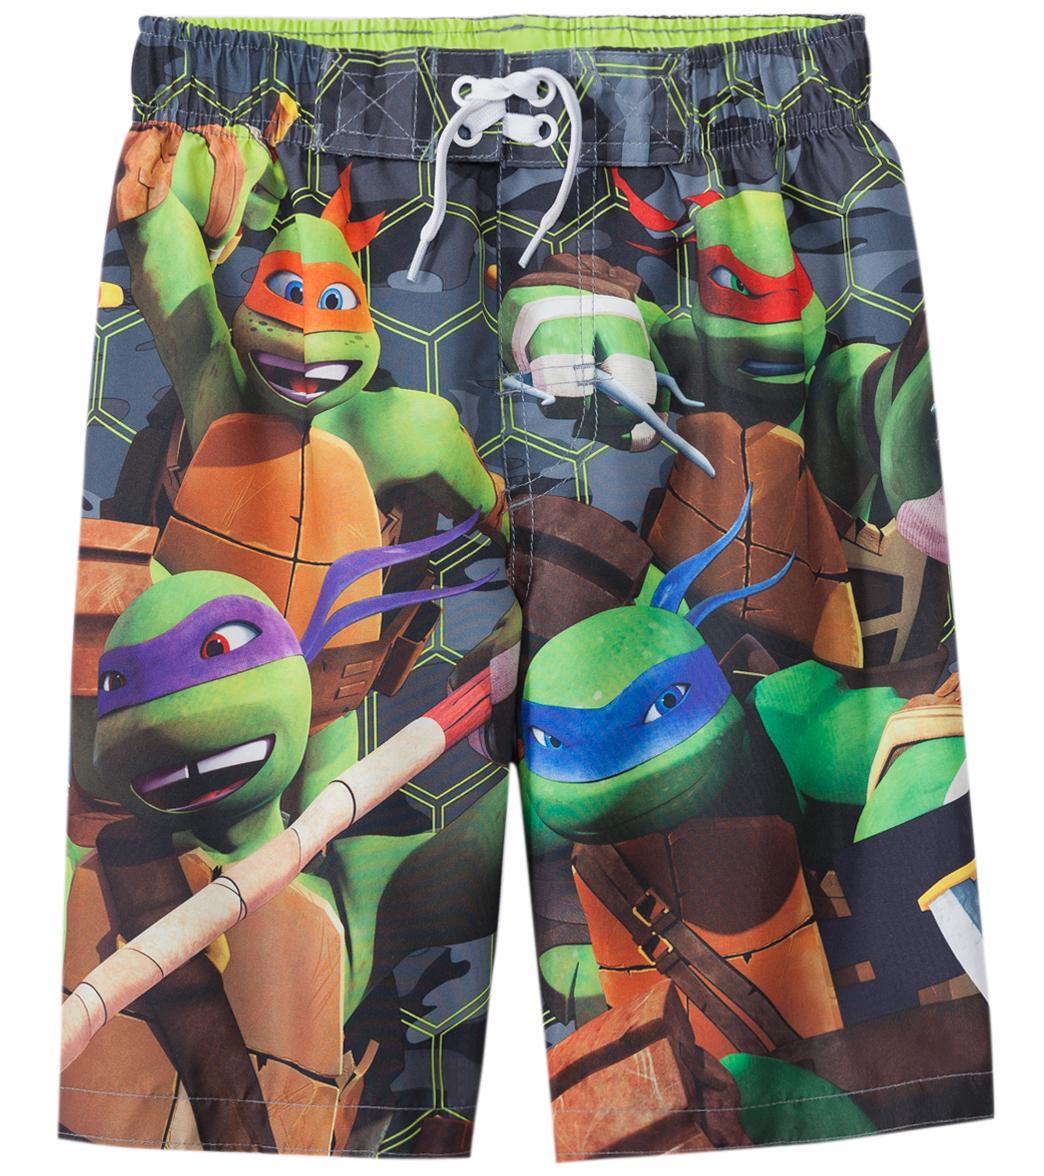 6f5c96ebb0604 Nickelodeon Boys' Teenage Mutant Ninja Turtles Swim Trunks (4-7) at ...